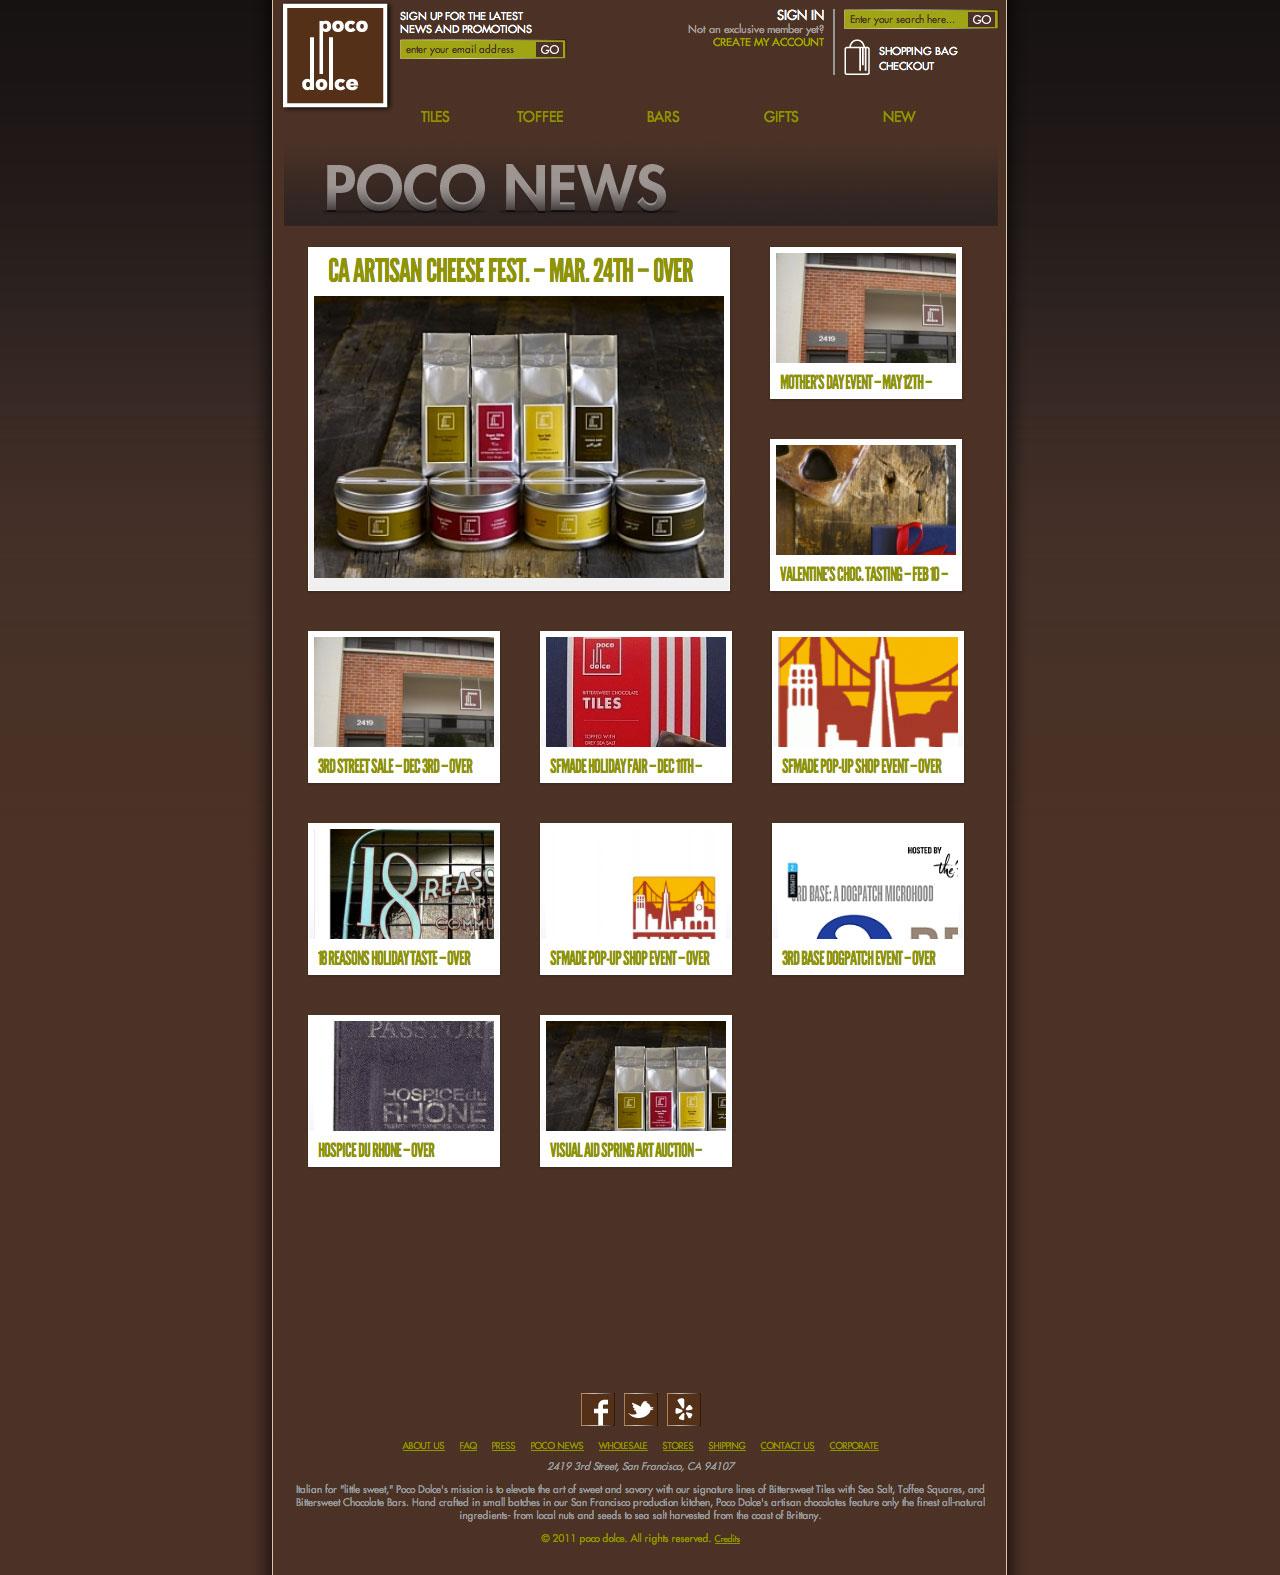 Poco Dolce News